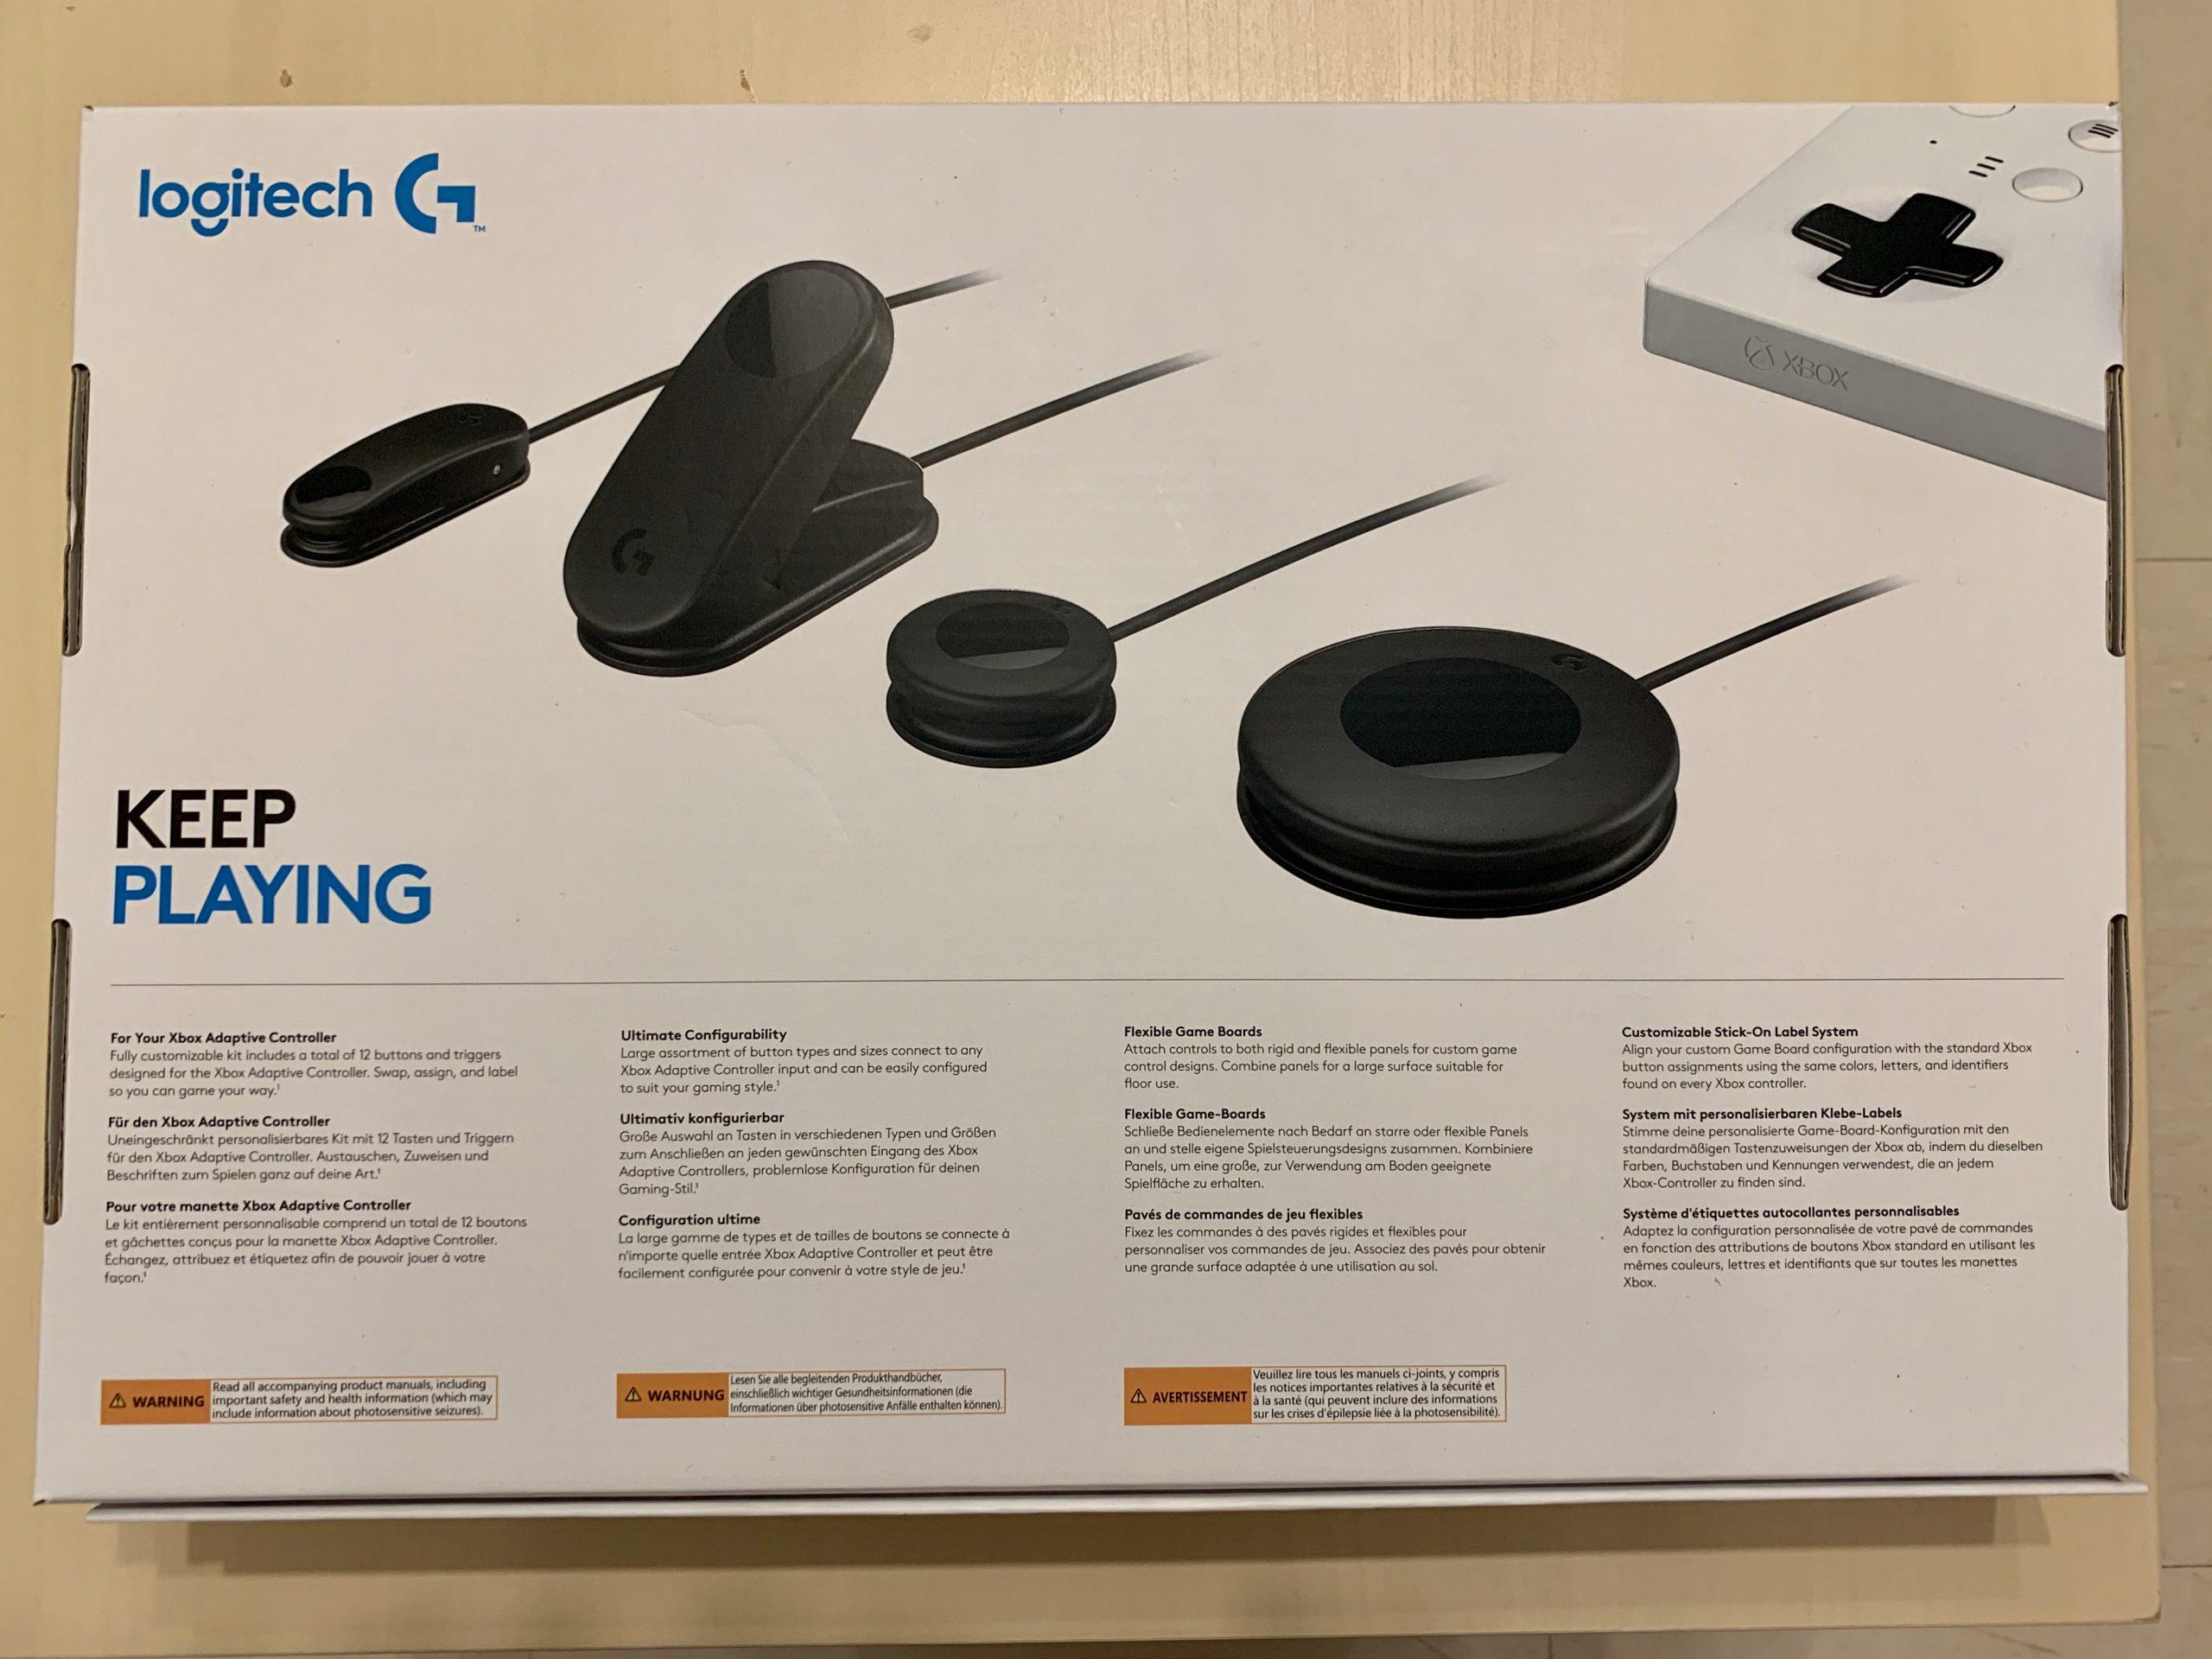 """Die Rückseite der Verpackung von Logitech Adaptive Gaming Kit. Jede einzelne Art von Knöpfen ist abgebildet und es steht der Slogan """"Keep Playing"""" daneben."""